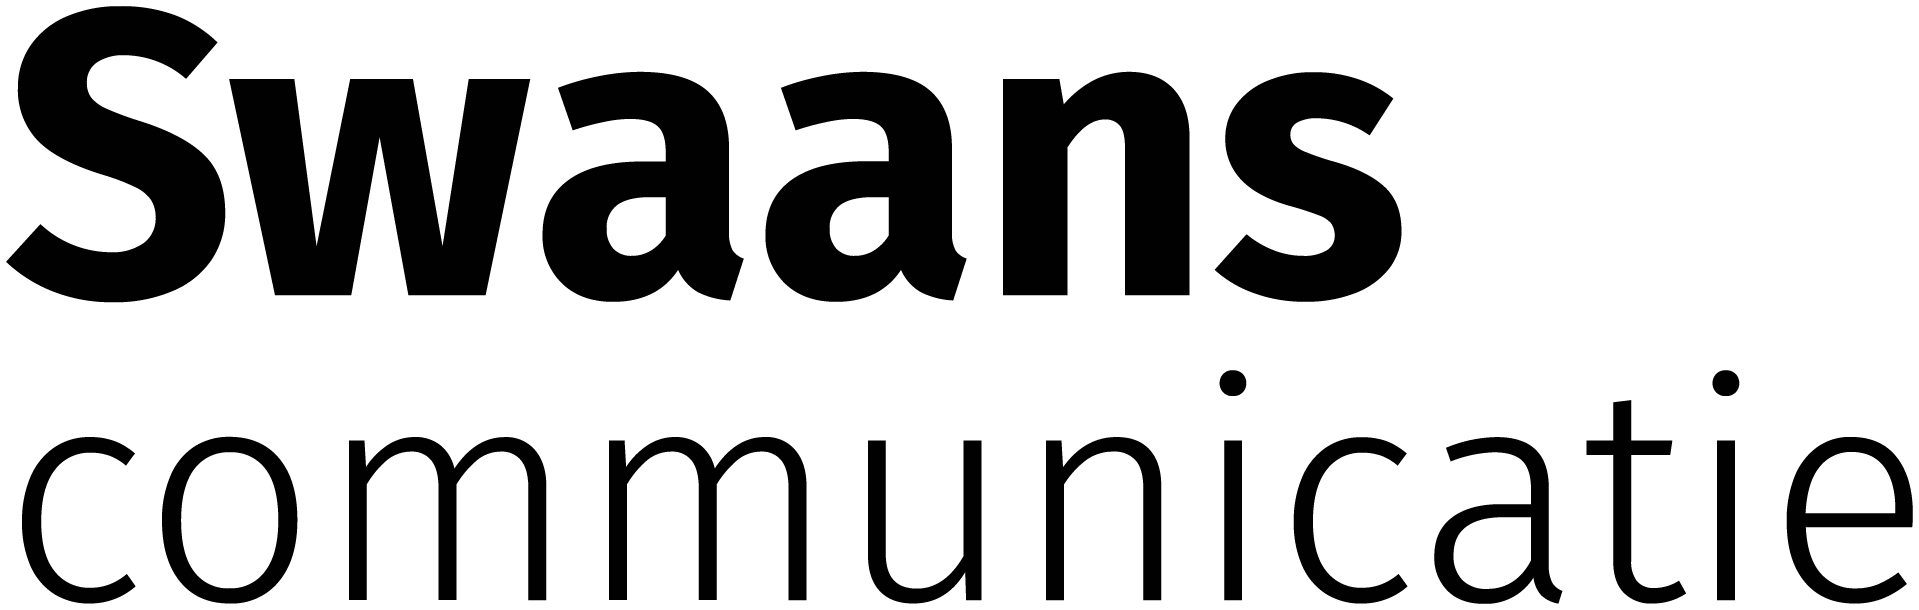 Swaans communicatie